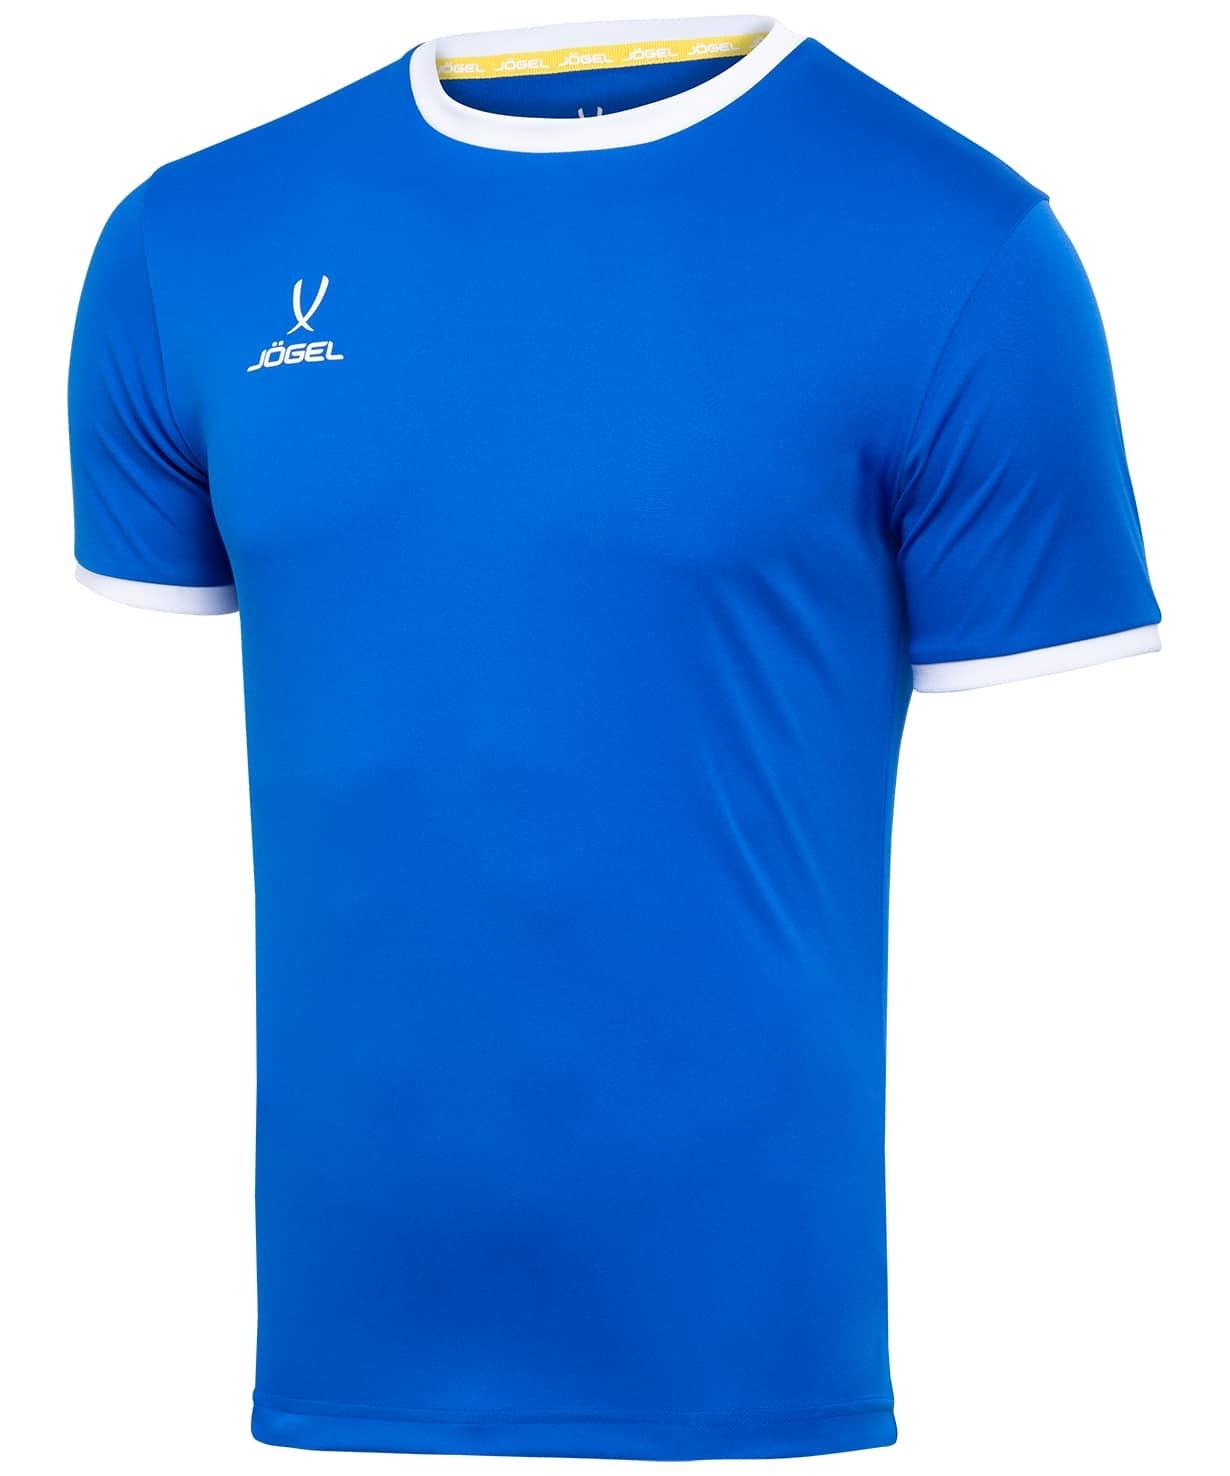 Футболка футбольная CAMP Origin JFT-1020-071, синий/белый